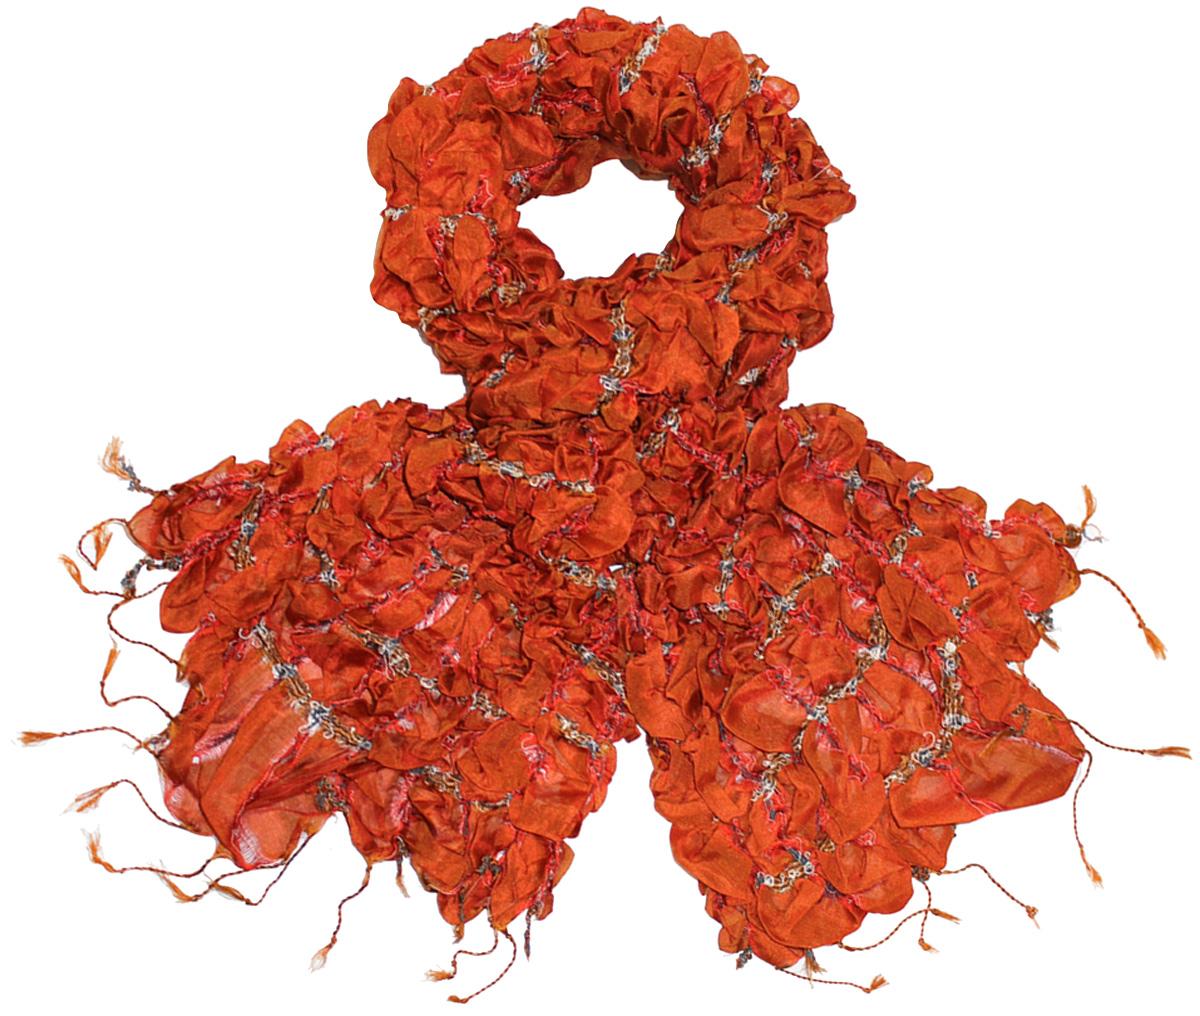 Шарф511250Женский шарф Ethnica, изготовленный из 100% шелка, подчеркнет вашу индивидуальность. Благодаря своему составу, он легкий, мягкий и приятный на ощупь. Изделие выполнено в оригинальном дизайне и дополнено кисточками. Такой аксессуар станет стильным дополнением к гардеробу современной женщины.